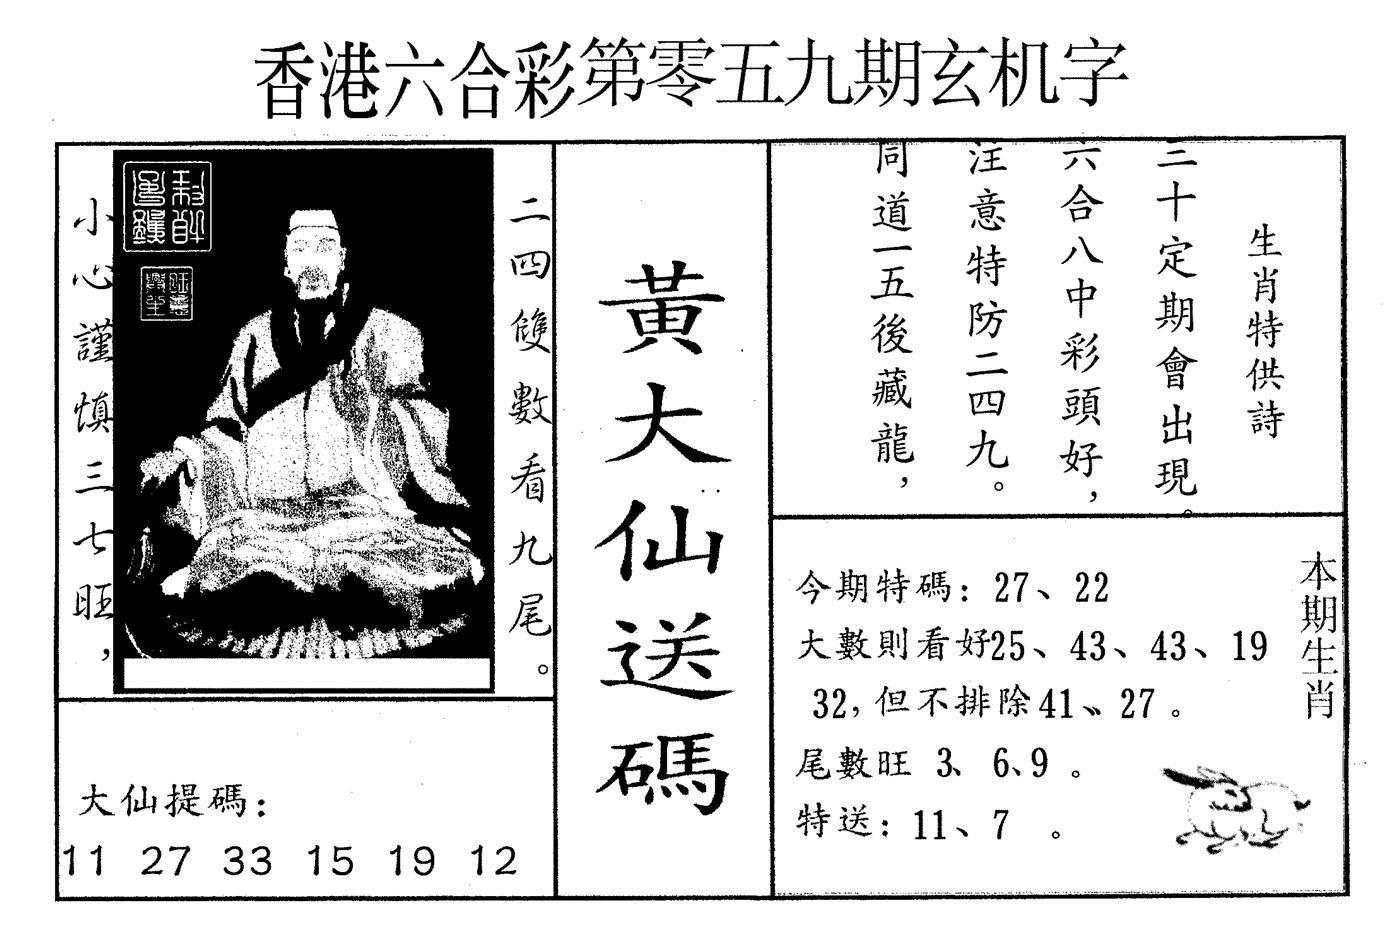 059期新黄大仙送码